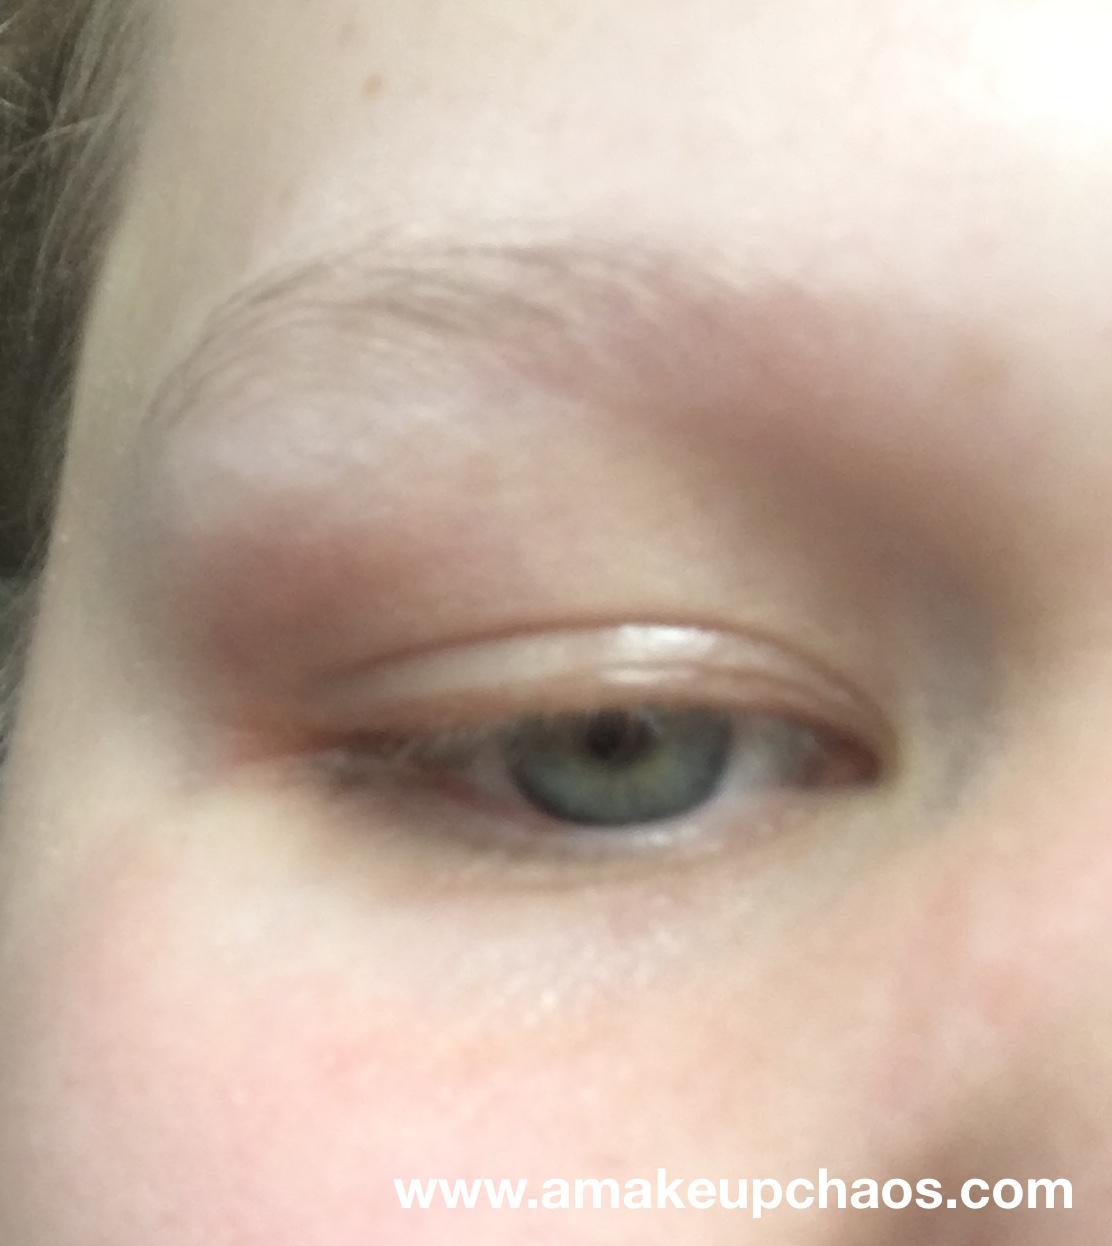 farvning af øjenbryn